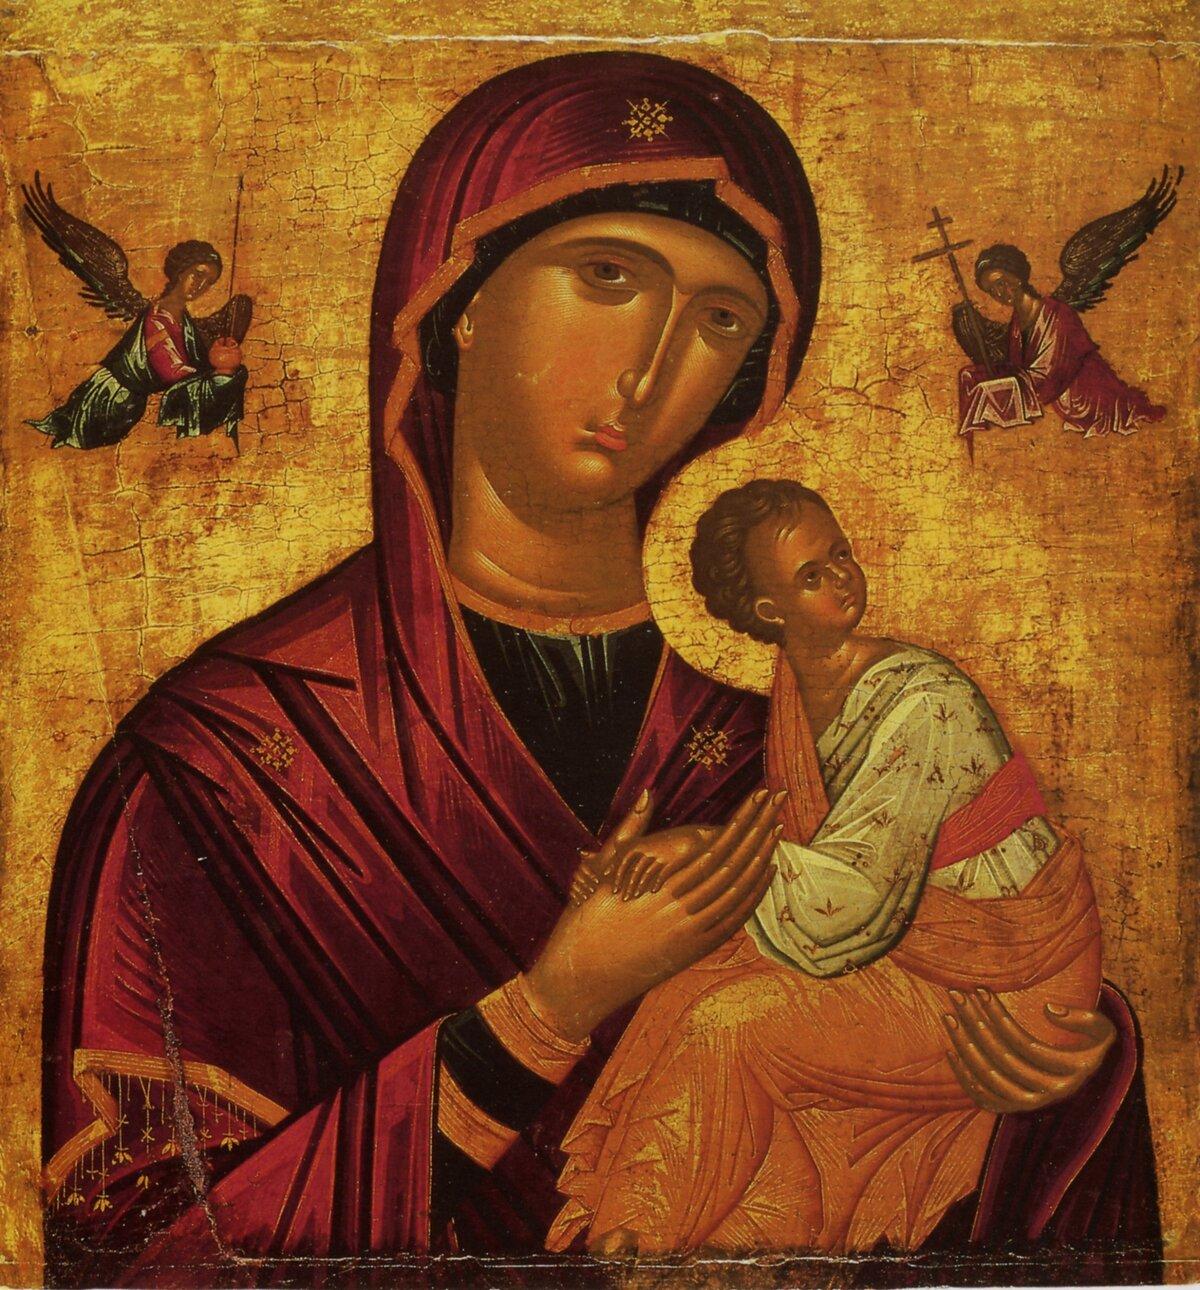 Картинки с иконы божьей матери, мишками